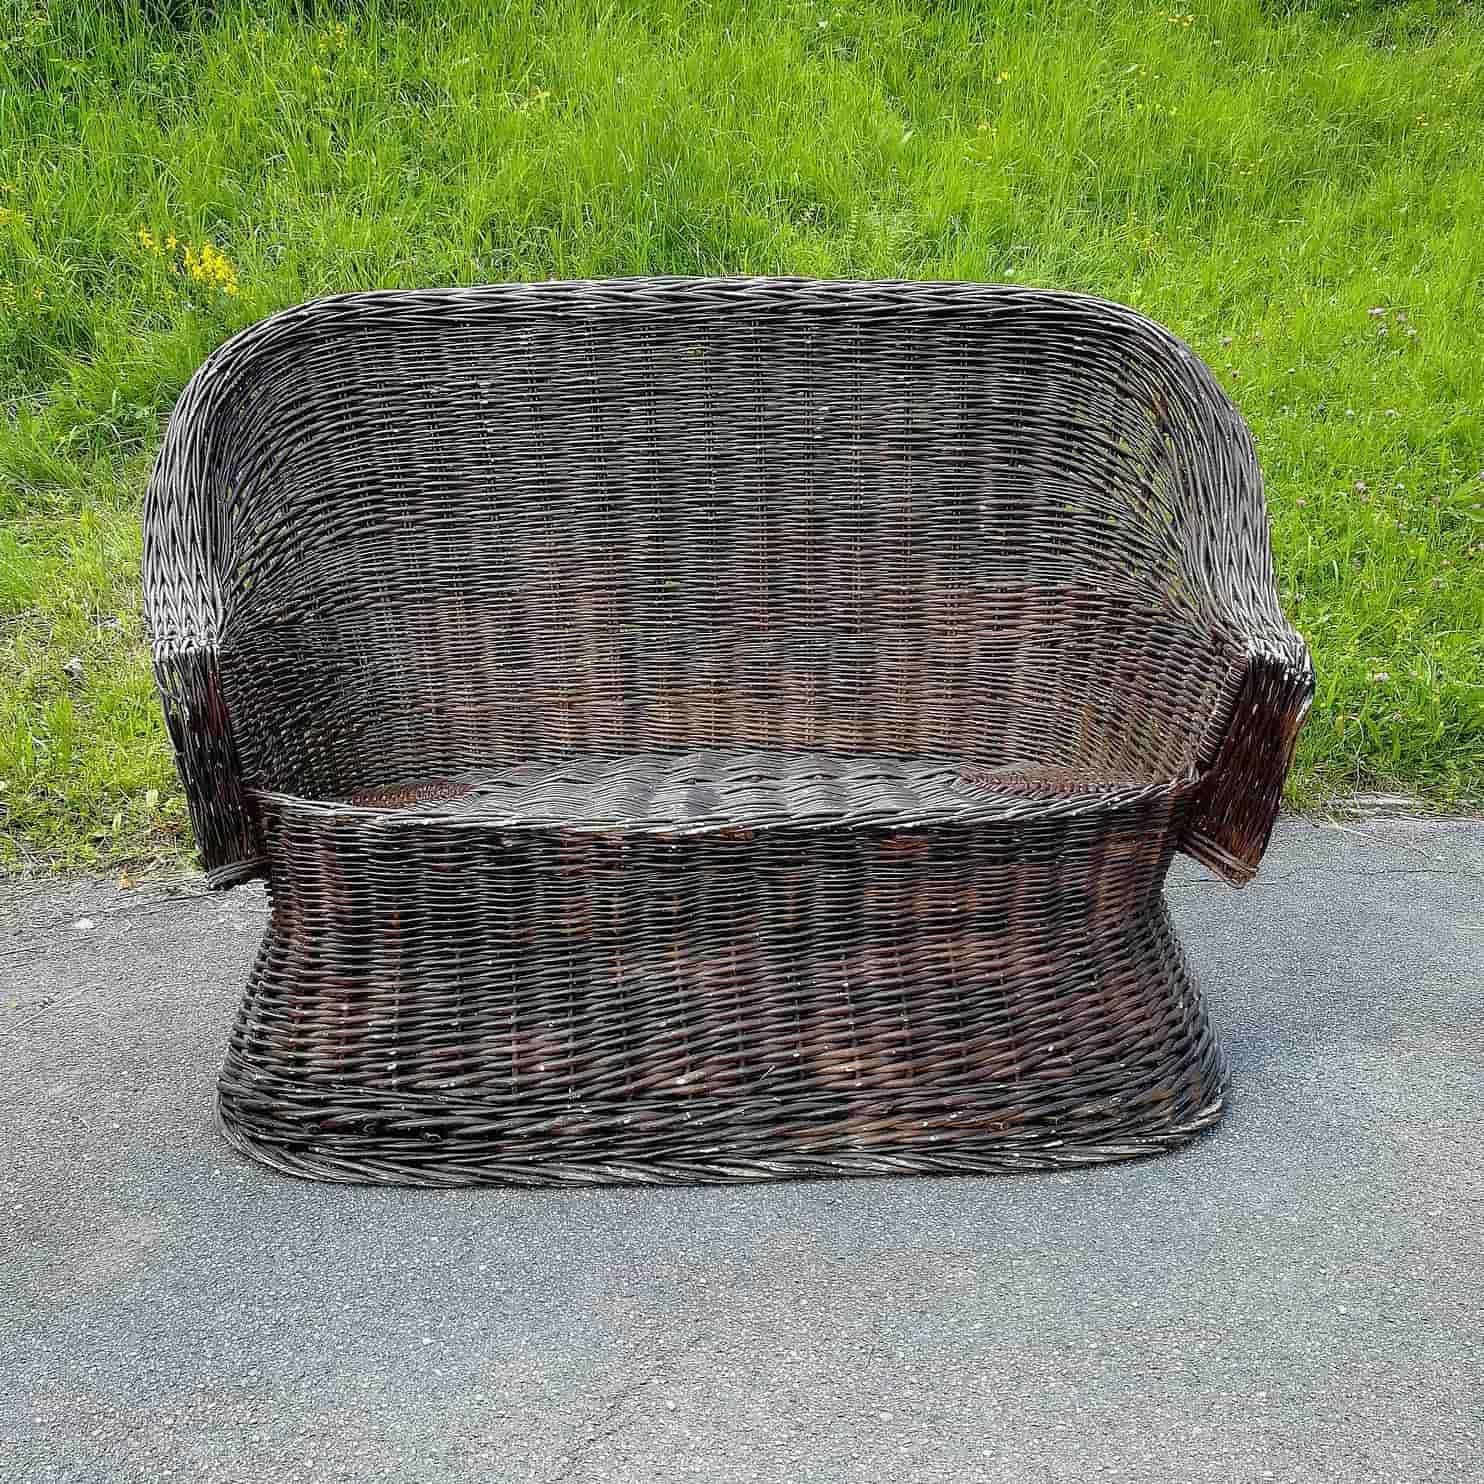 Wicker chair